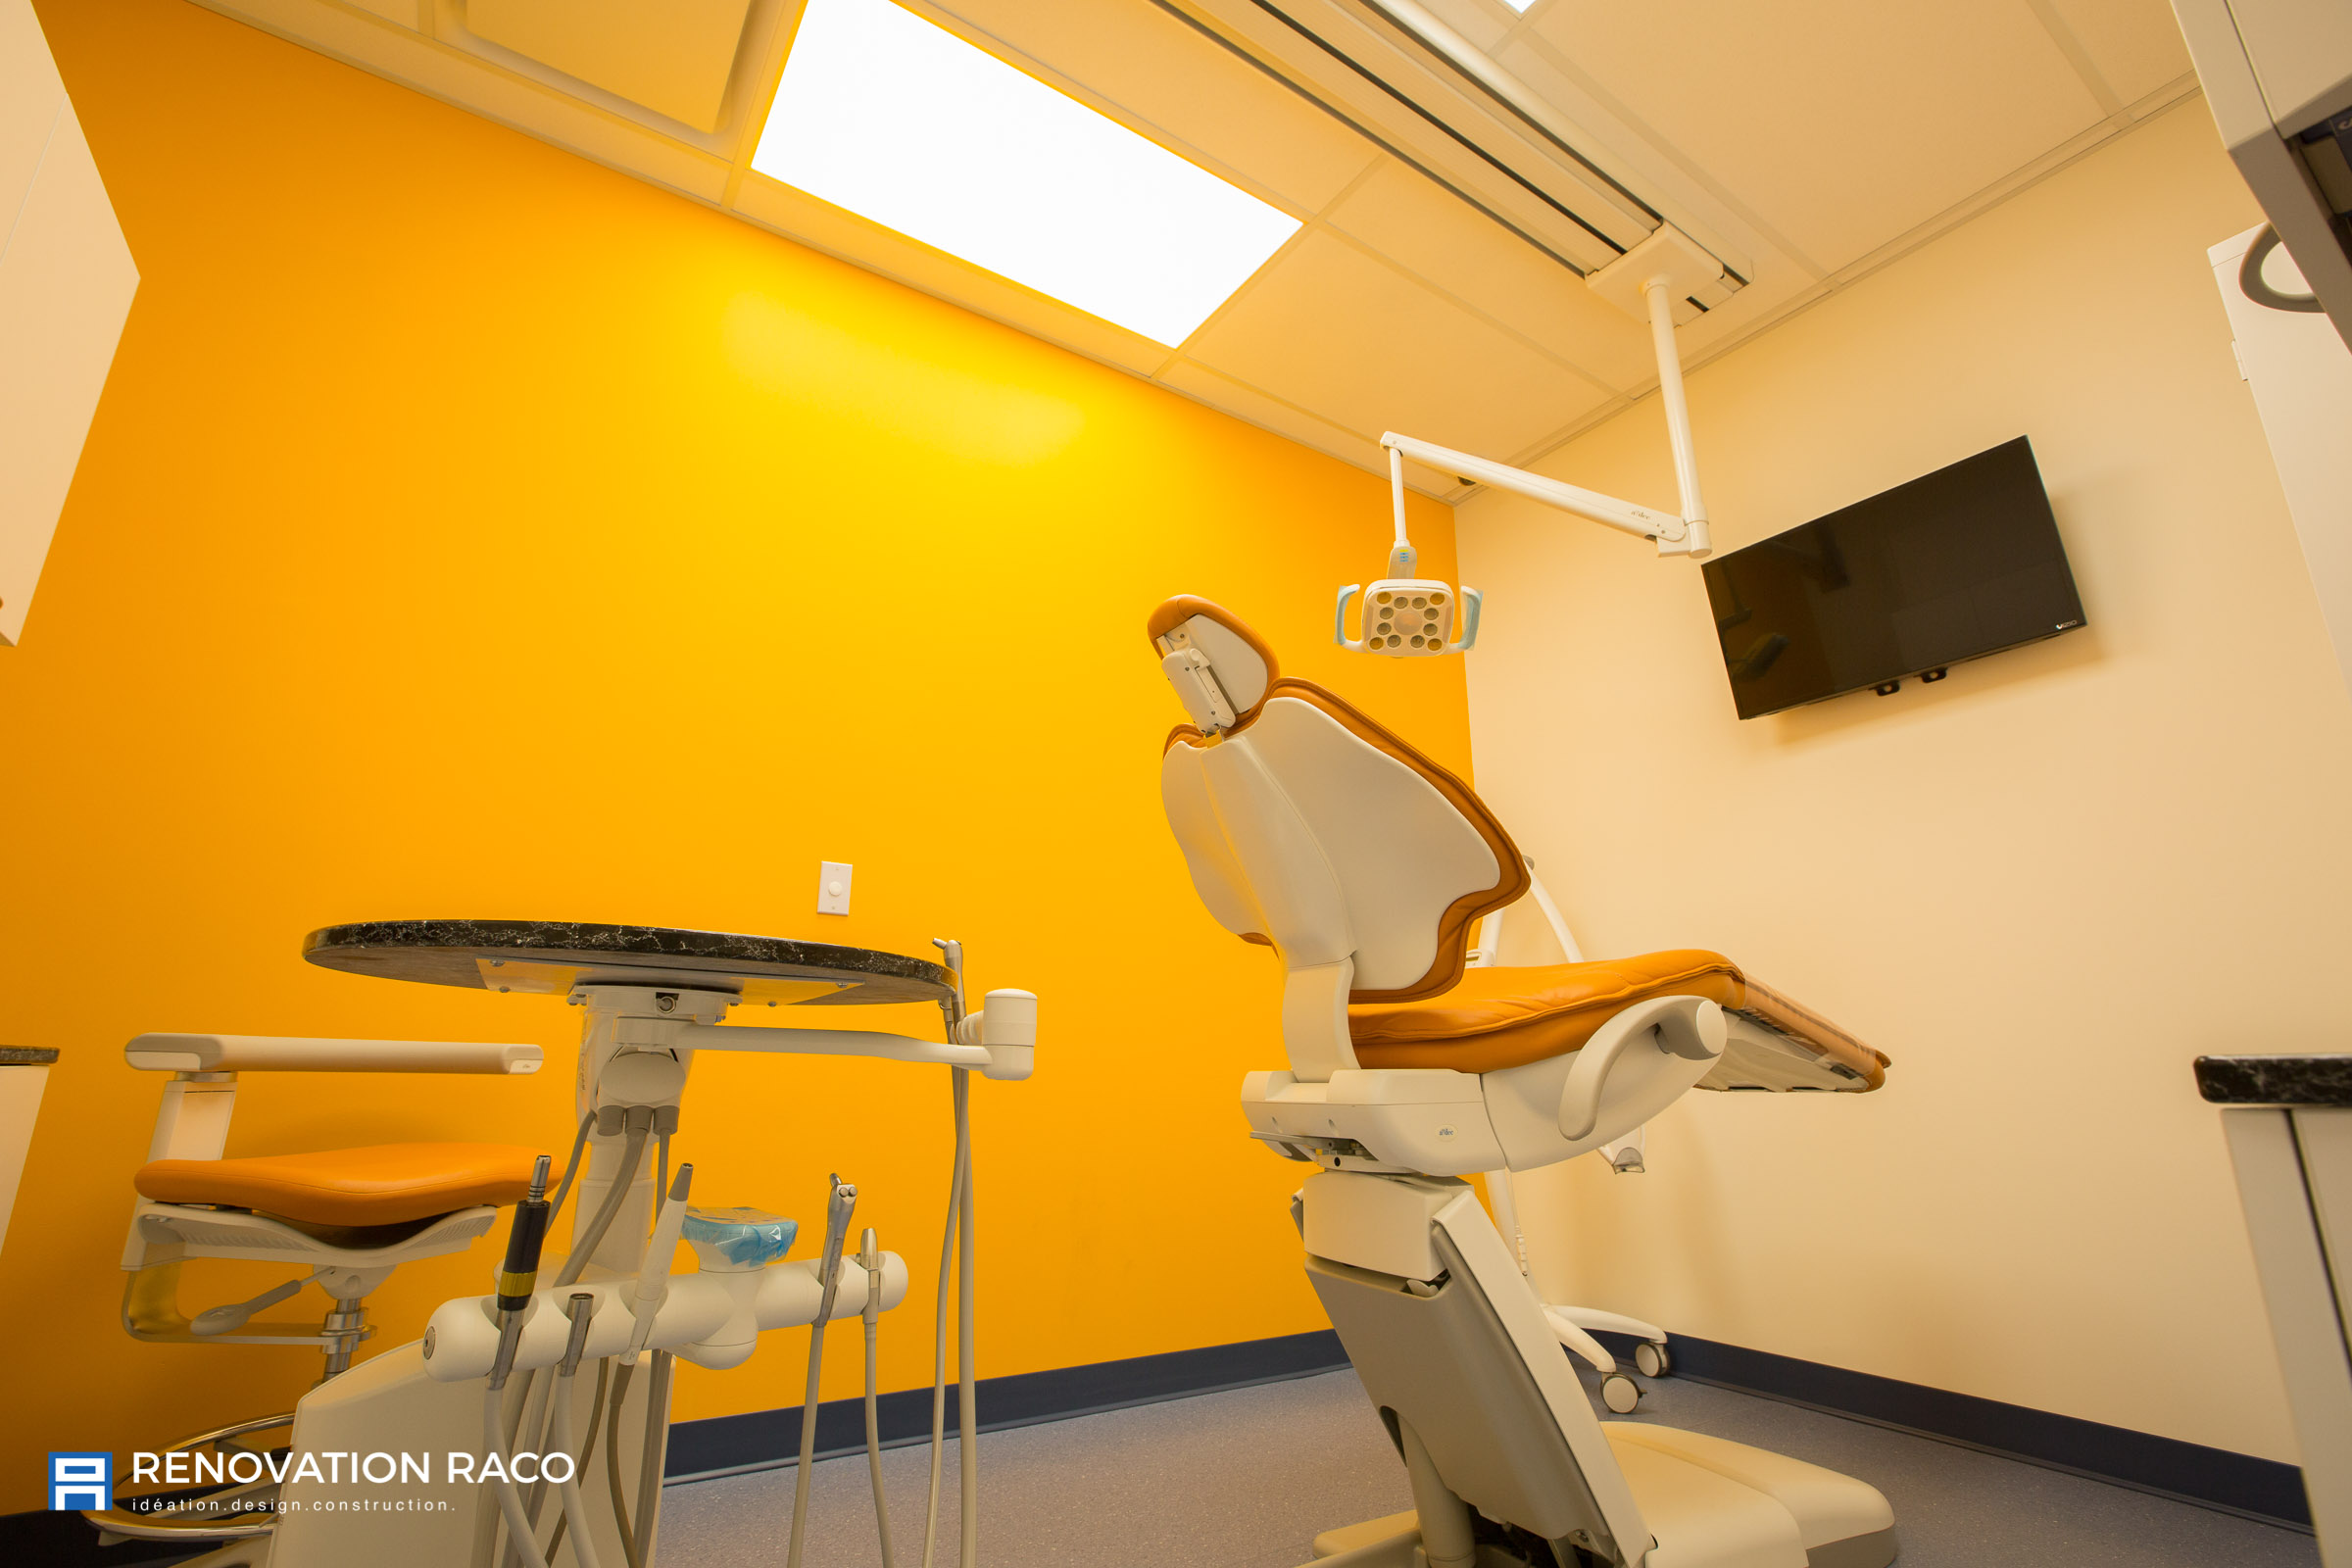 Renovation-Raco-Montreal-clinique Beydoun-10.jpg